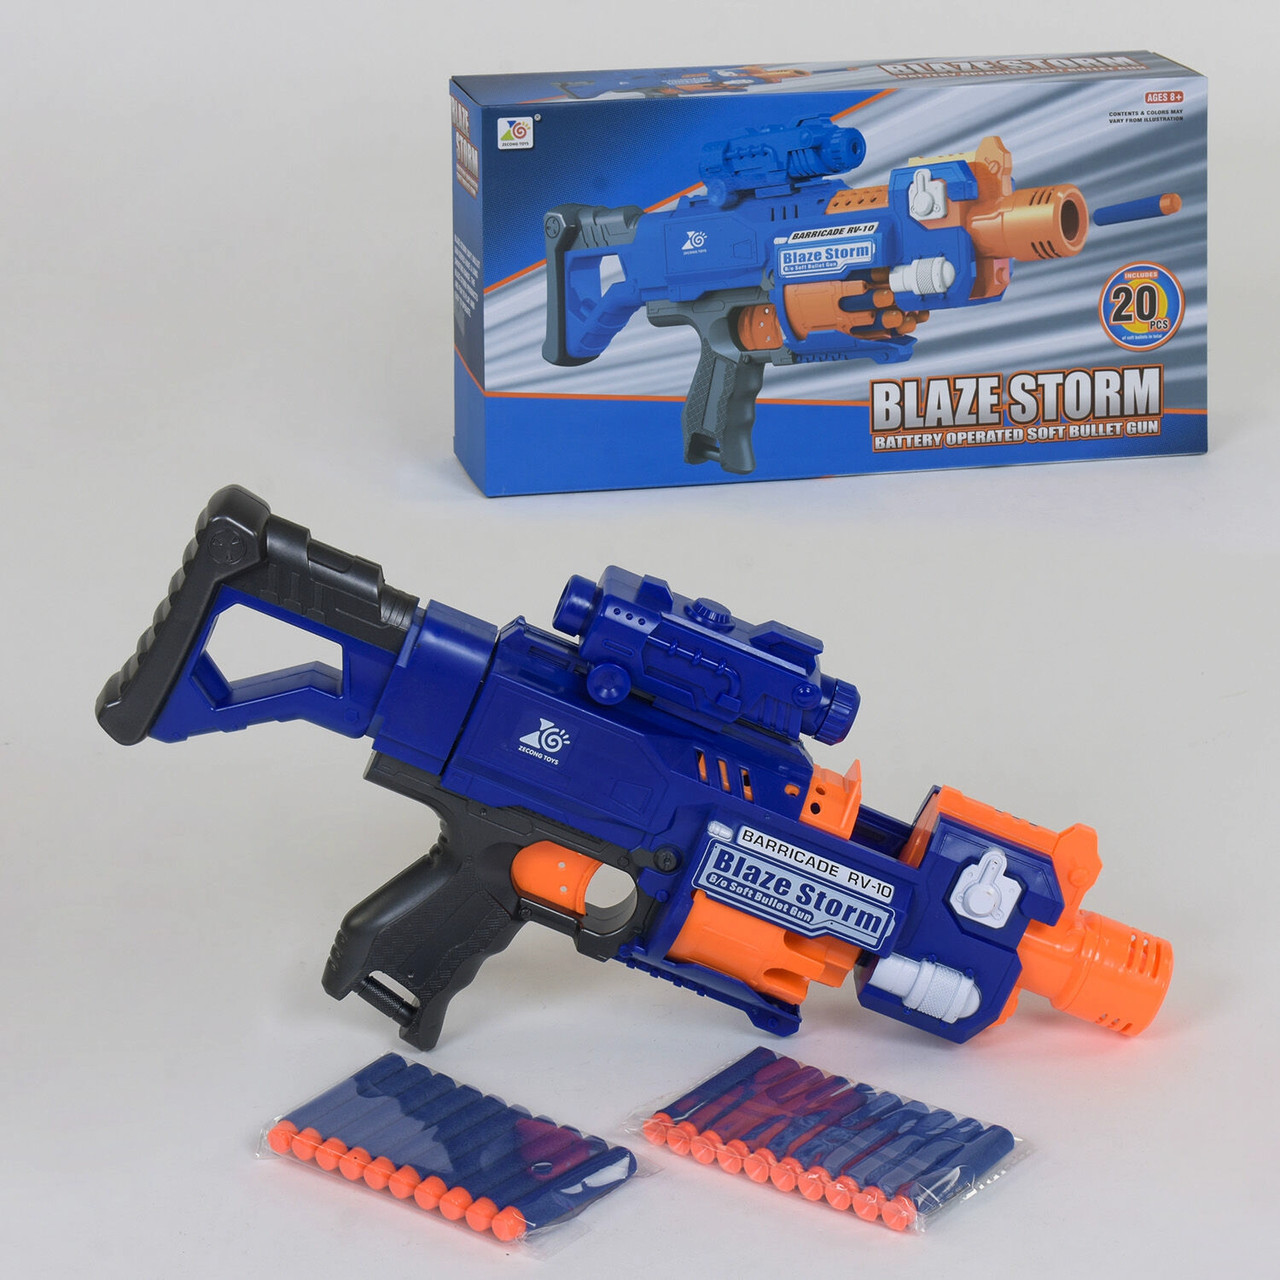 Игрушечный бластер для мальчиков 7055 с 20-ю мягкими патронами, работает от батареек, синий (длина 43 см)